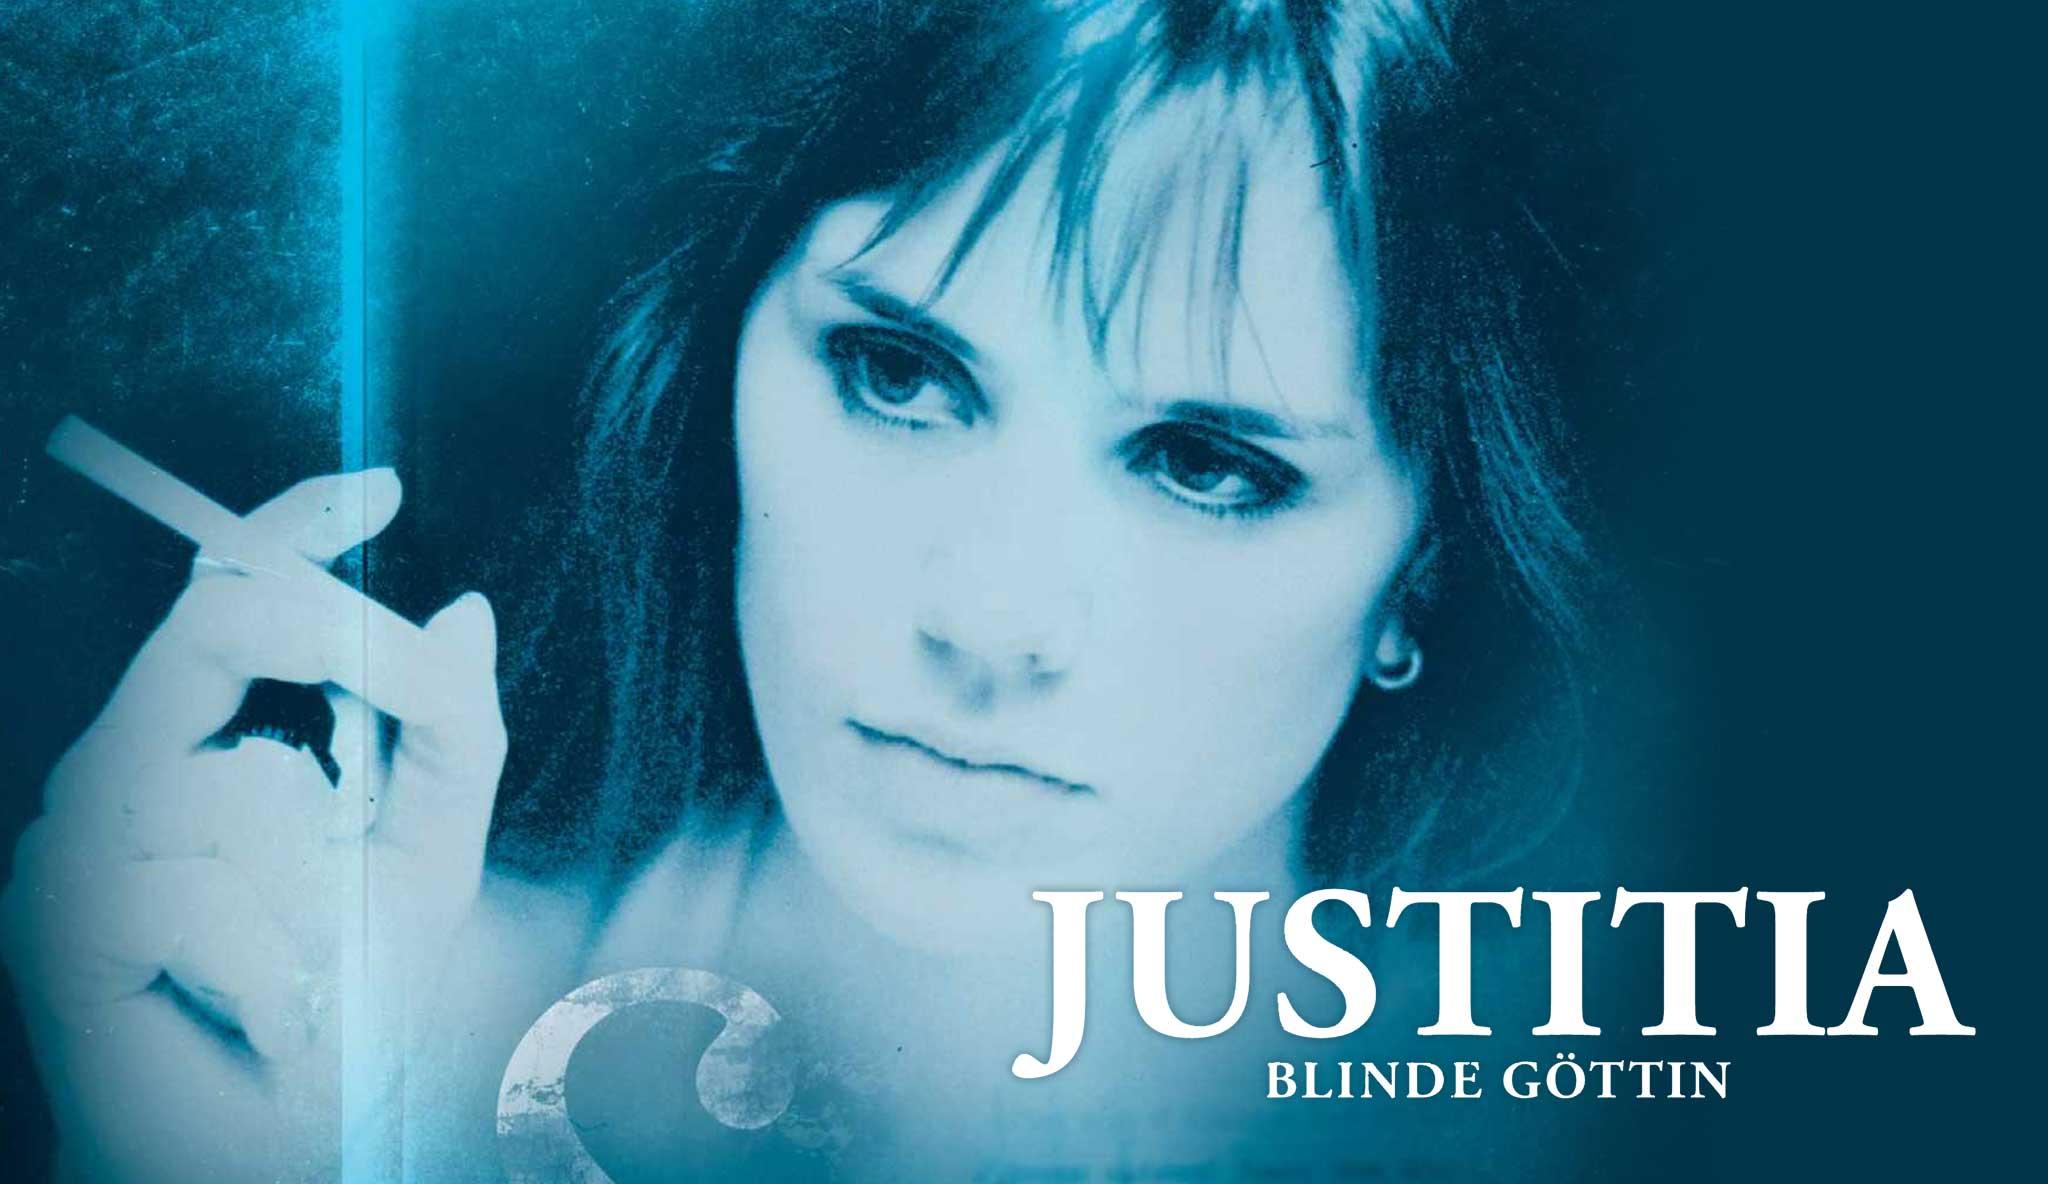 justitia-blinde-gottin-teil-2\header.jpg